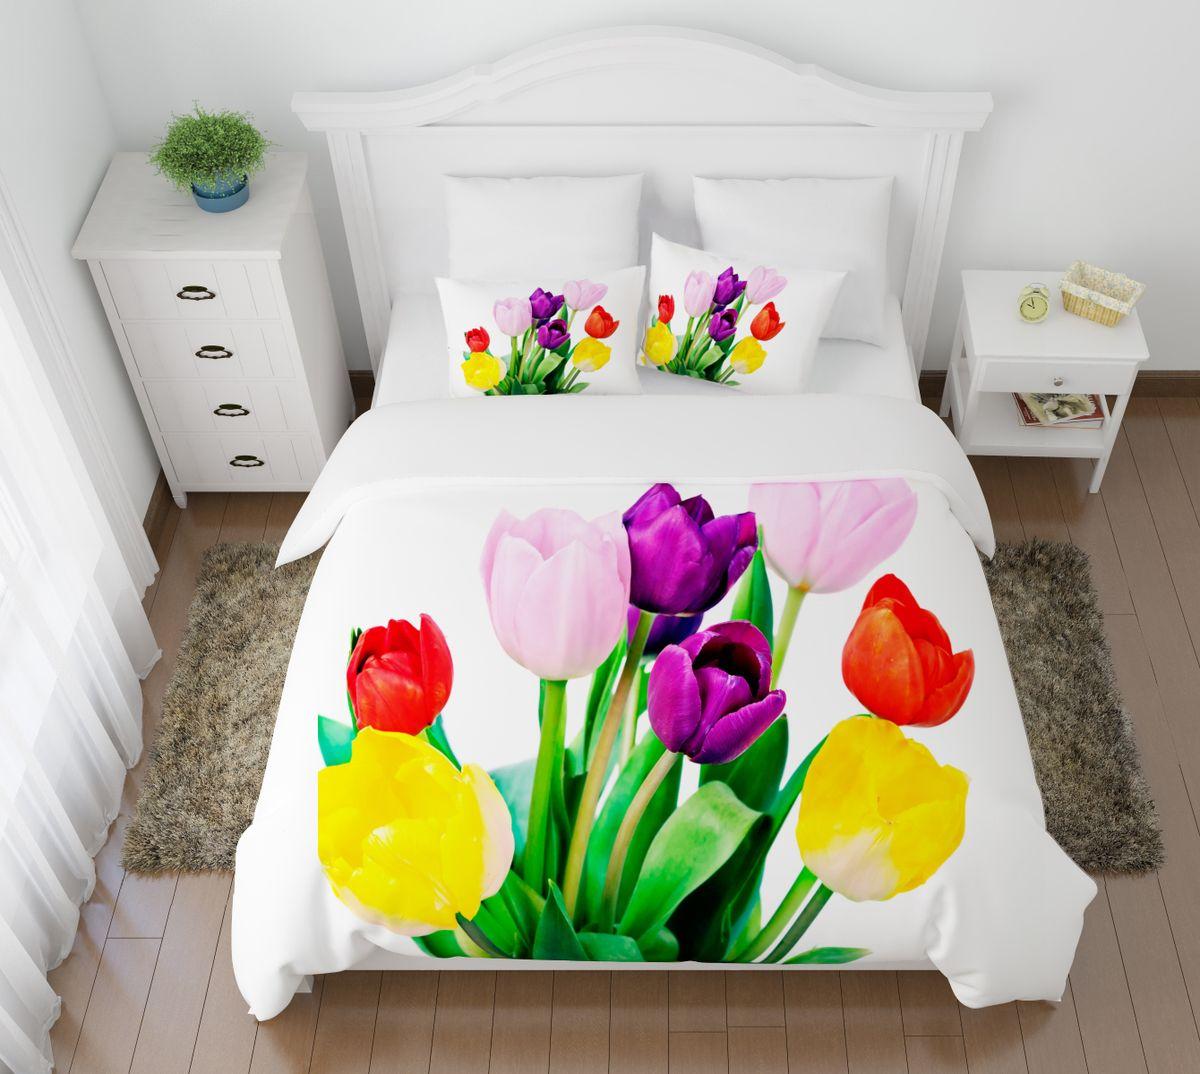 Комплект белья Сирень Весенние цветы, 2-спальный, наволочки 50х7008497-КПБ2-МКомплект постельного белья Сирень выполнен из прочной и мягкой ткани. Четкий и стильный рисунок в сочетании с насыщенными красками делают комплект постельного белья неповторимой изюминкой любого интерьера.Постельное белье идеально подойдет для подарка. Идеальное соотношение смешенной ткани и гипоаллергенных красок - это гарантия здорового, спокойного сна. Ткань хорошо впитывает влагу, надолго сохраняет яркость красок.В комплект входят: простынь, пододеяльник, две наволочки. Постельное белье легко стирать при 30-40°С, гладить при 150°С, не отбеливать. Рекомендуется перед первым использованием постирать.УВАЖАЕМЫЕ КЛИЕНТЫ! Обращаем ваше внимание, что цвет простыни, пододеяльника, наволочки в комплектации может немного отличаться от представленного на фото.